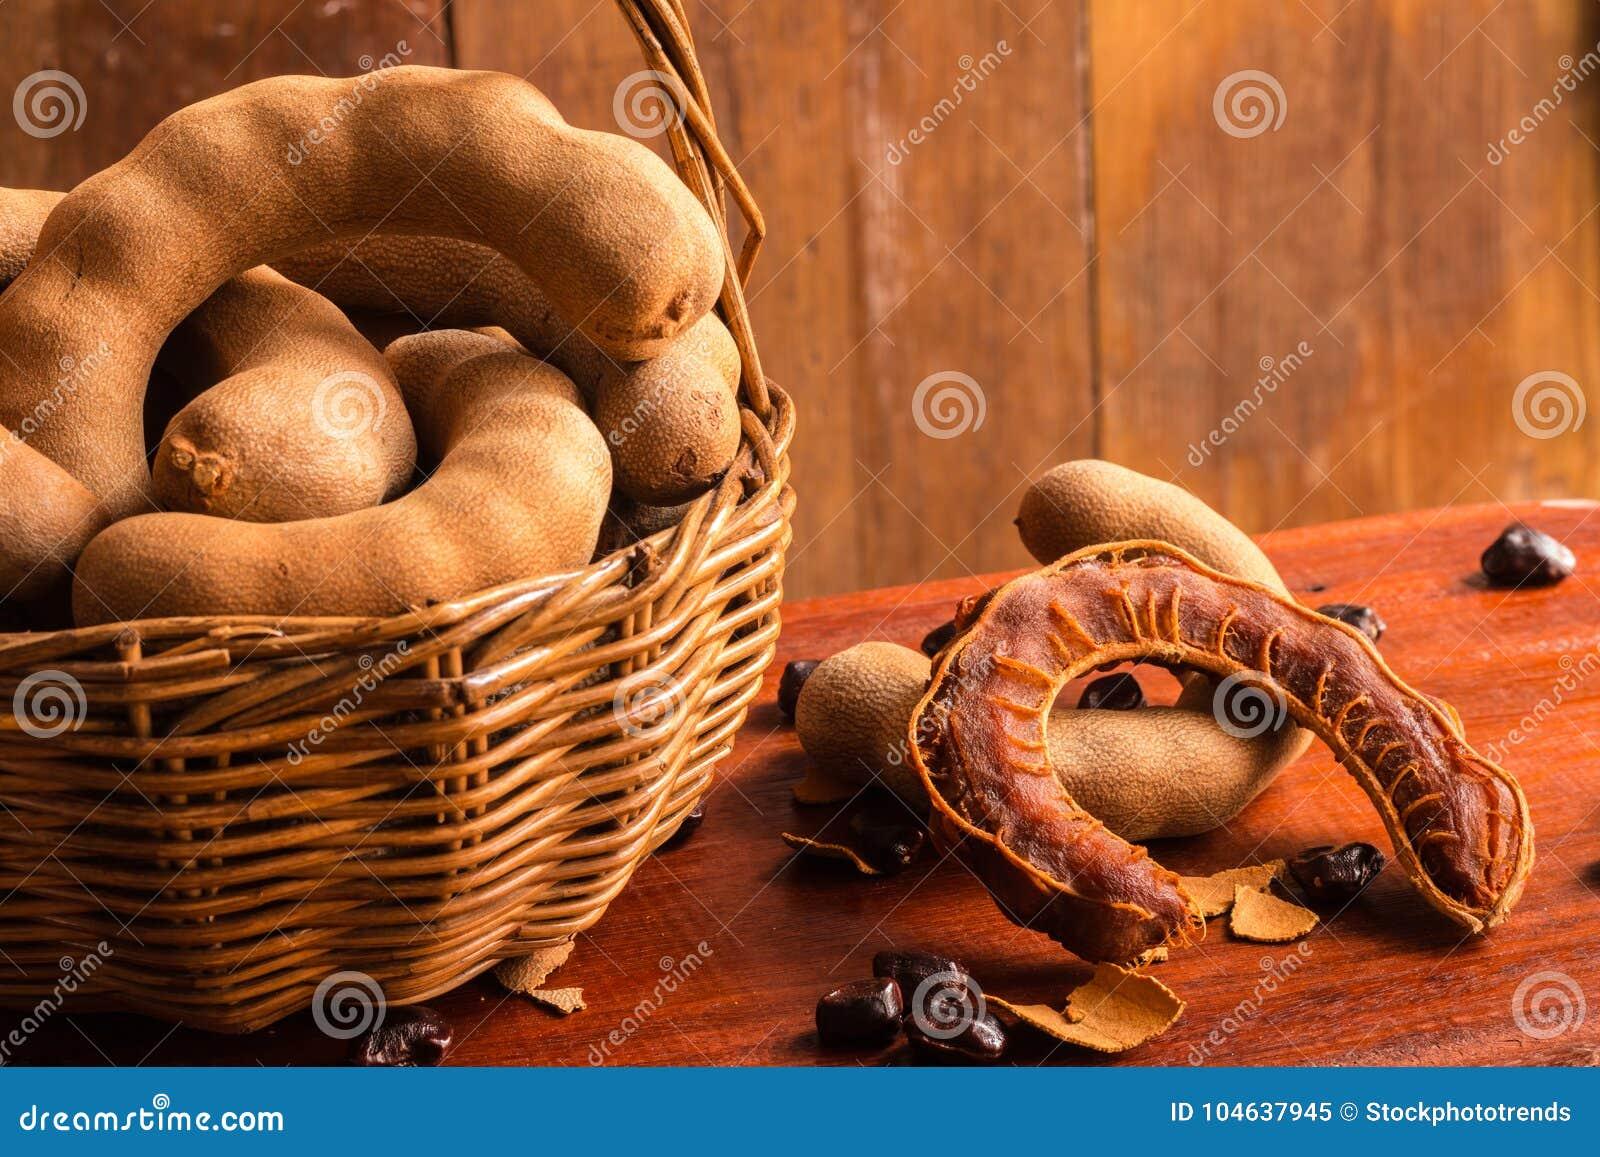 Download Zoete Rijpe Tamarindes En Zaden In De Mand Stock Afbeelding - Afbeelding bestaande uit koolhydraten, gezond: 104637945